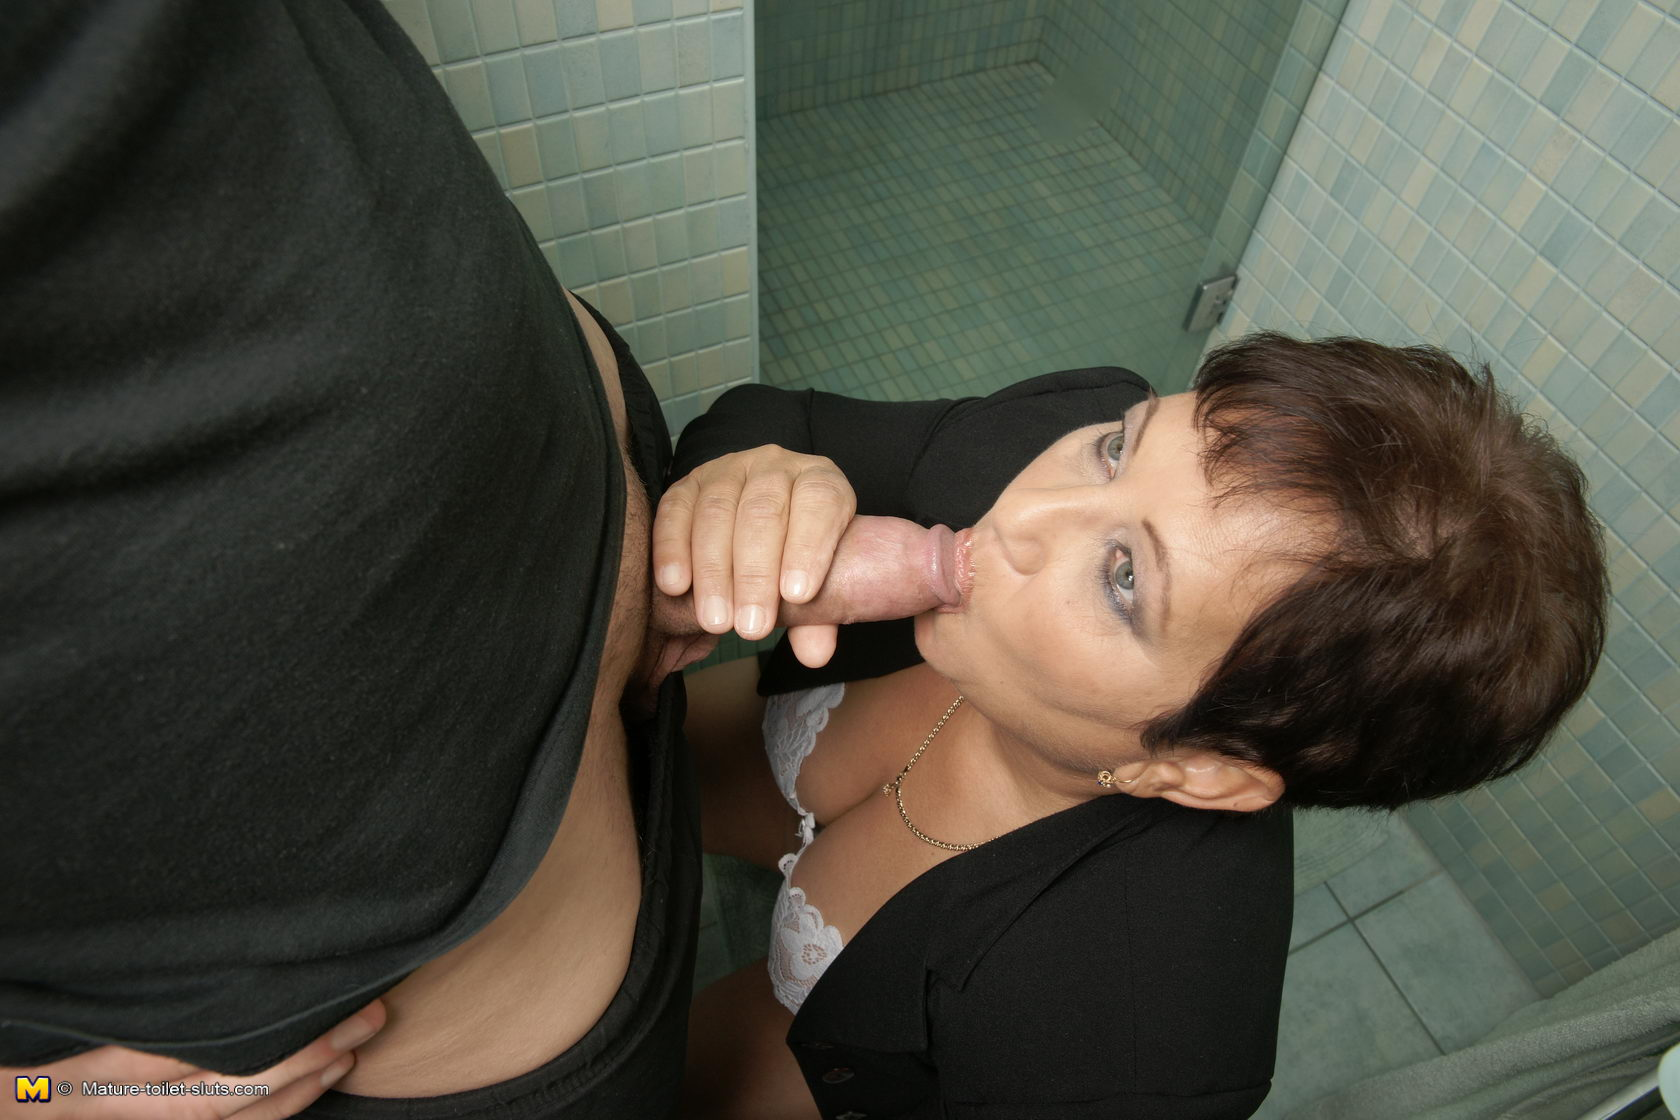 Сын в туалете красивая 15 фотография